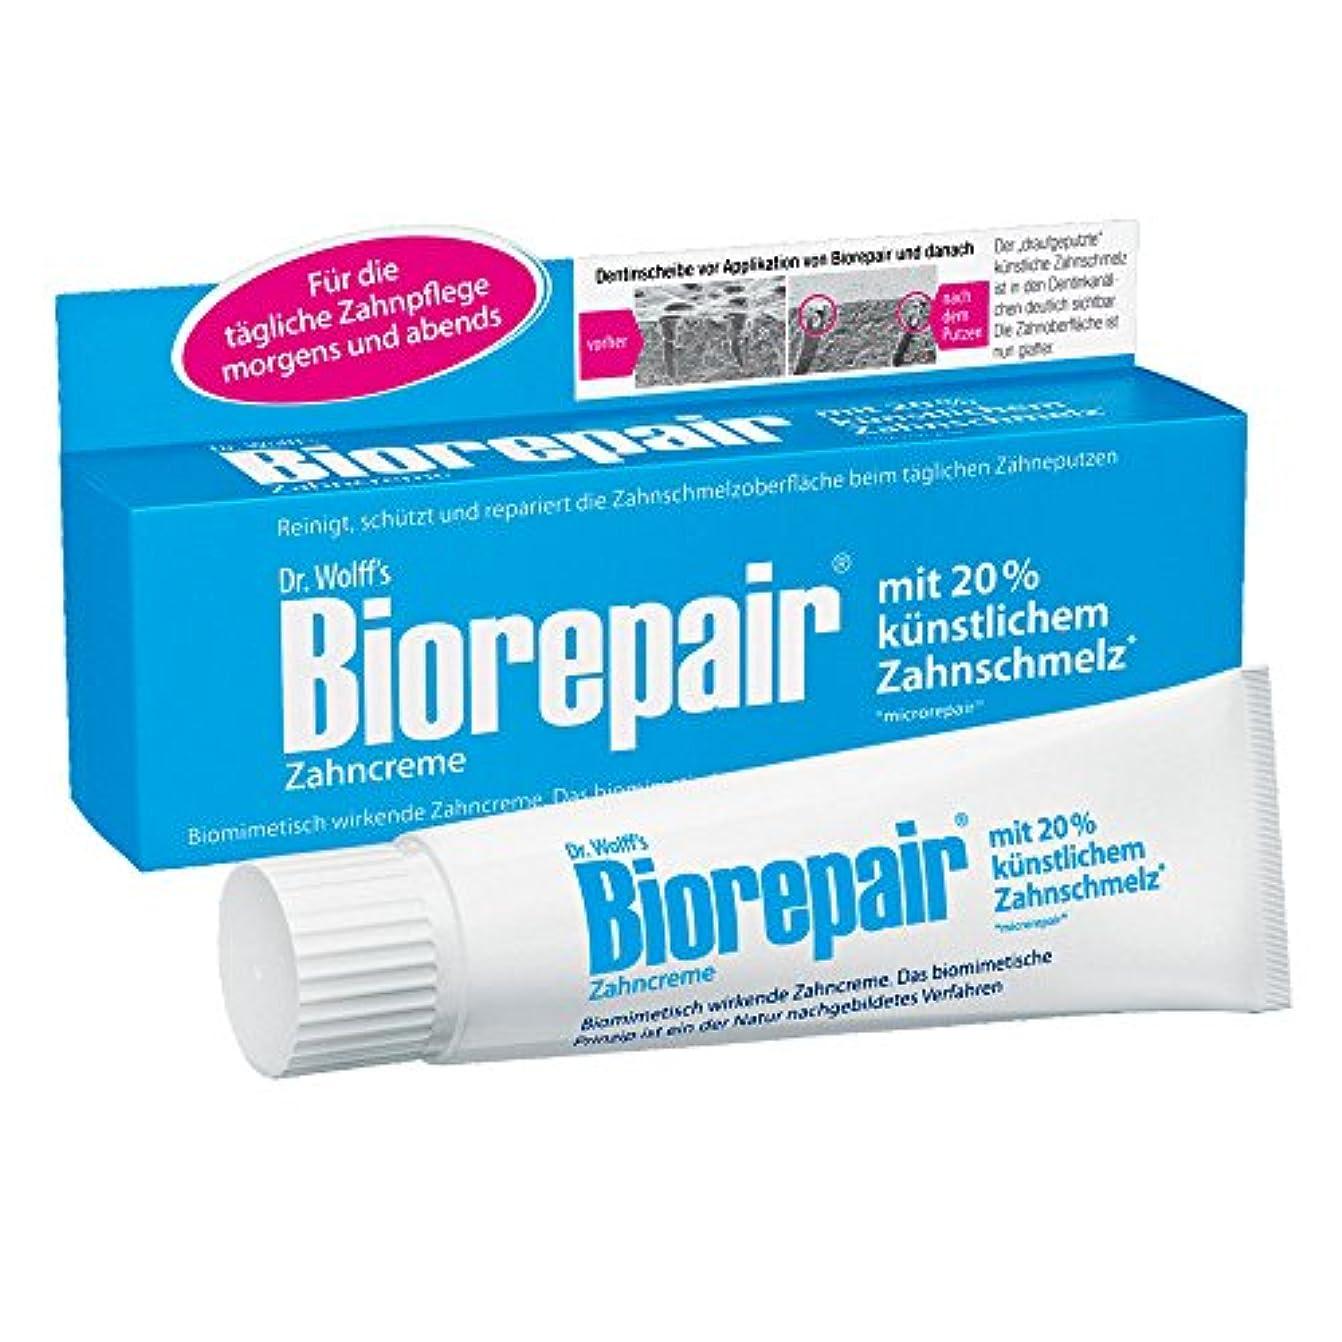 接続詞敬礼国勢調査Biorepair 歯磨き粉オリジナル、75ml(1pack) 歯の保護 耐摩耗性 1pack [並行輸入品]